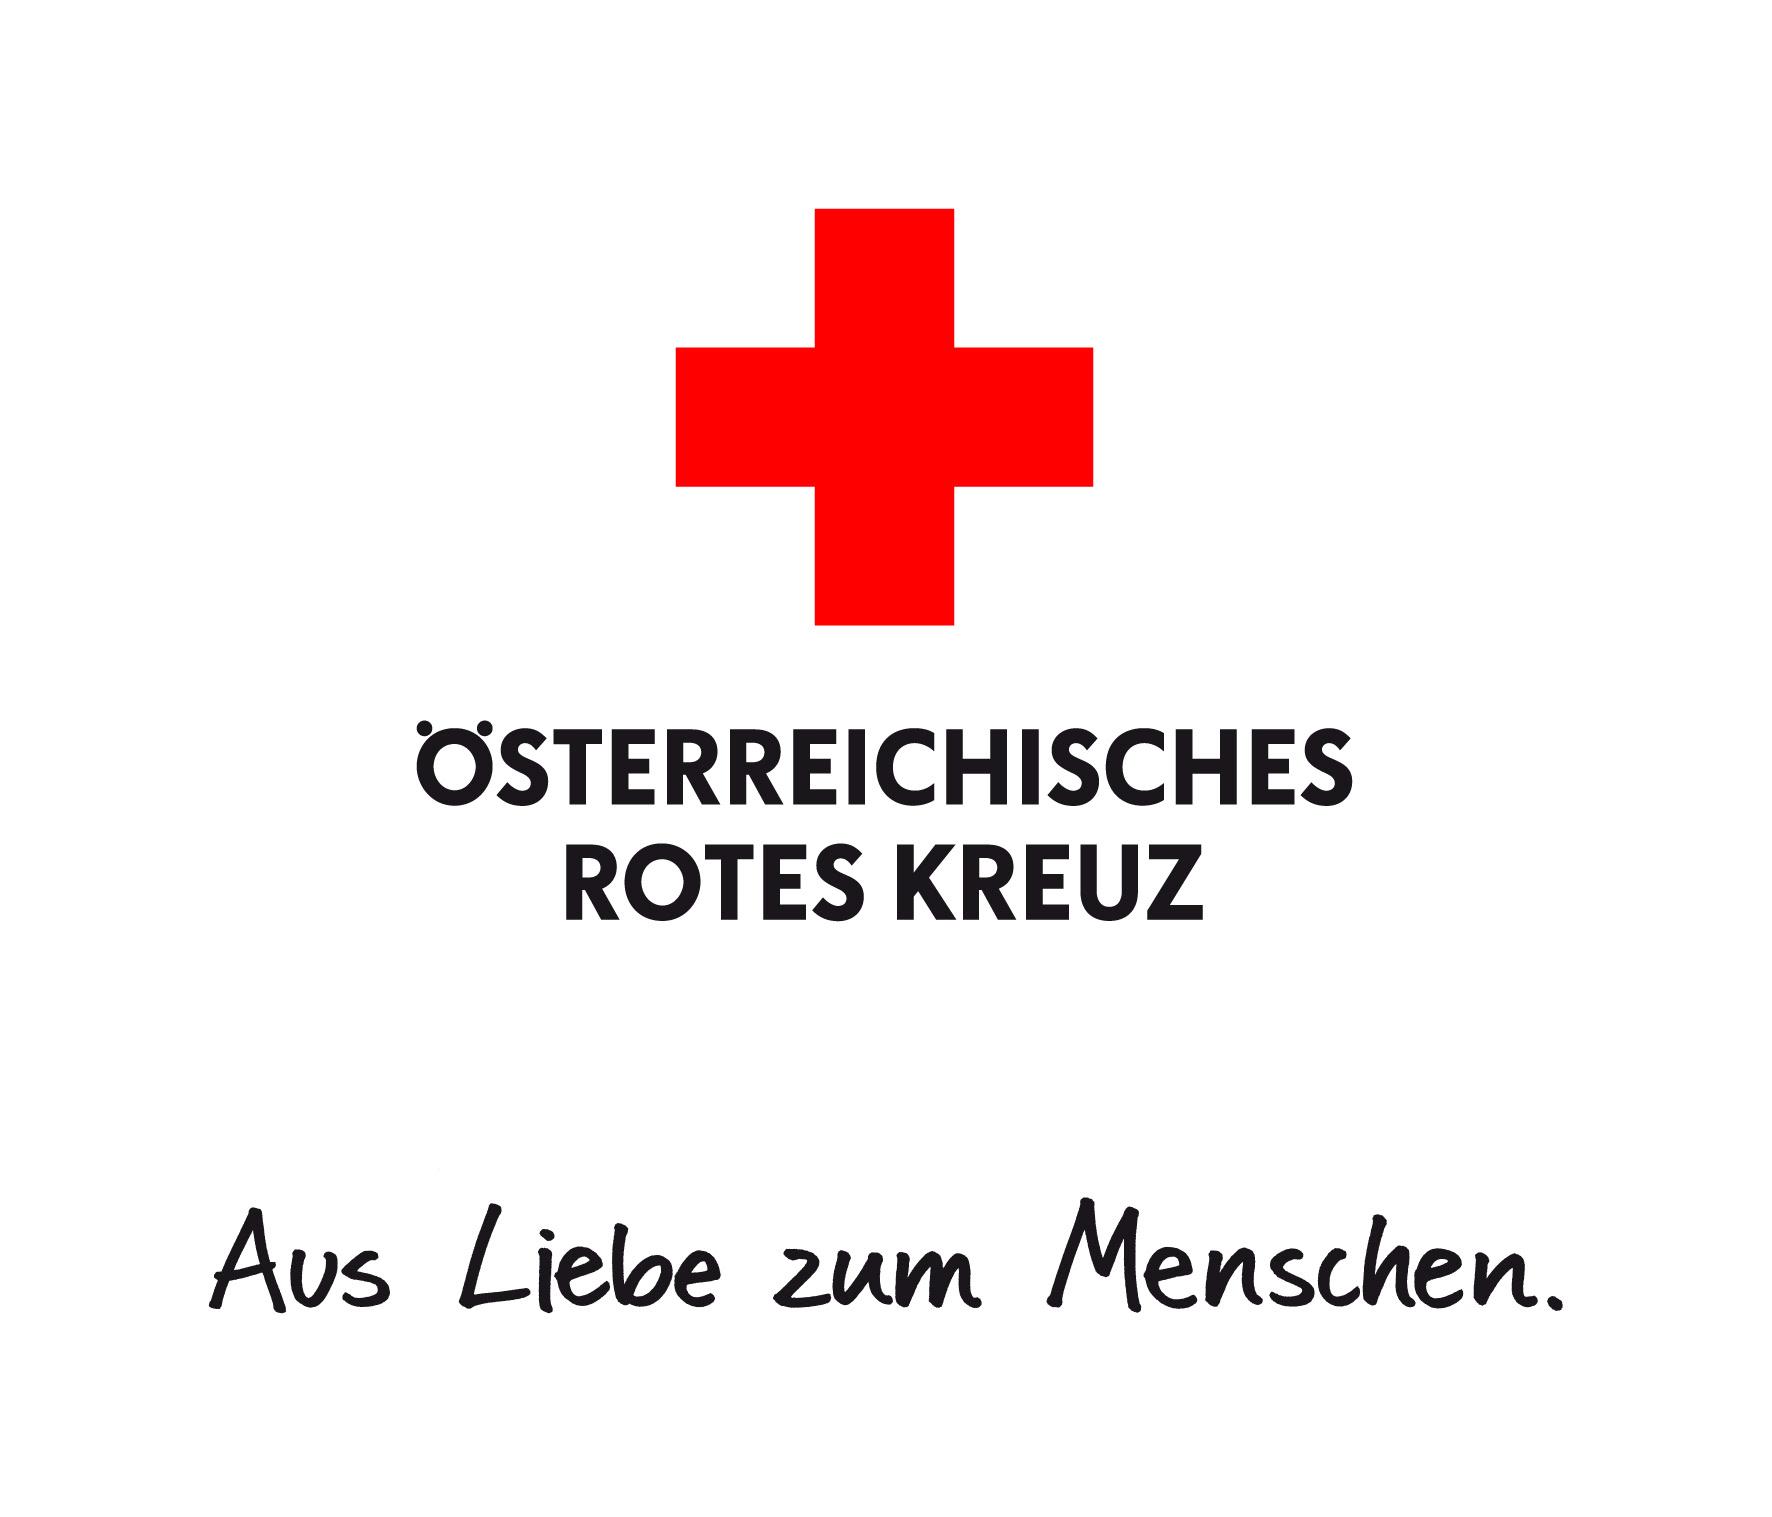 Österreichisches Rotes Kreuz - Aus Liebe zum Menschen